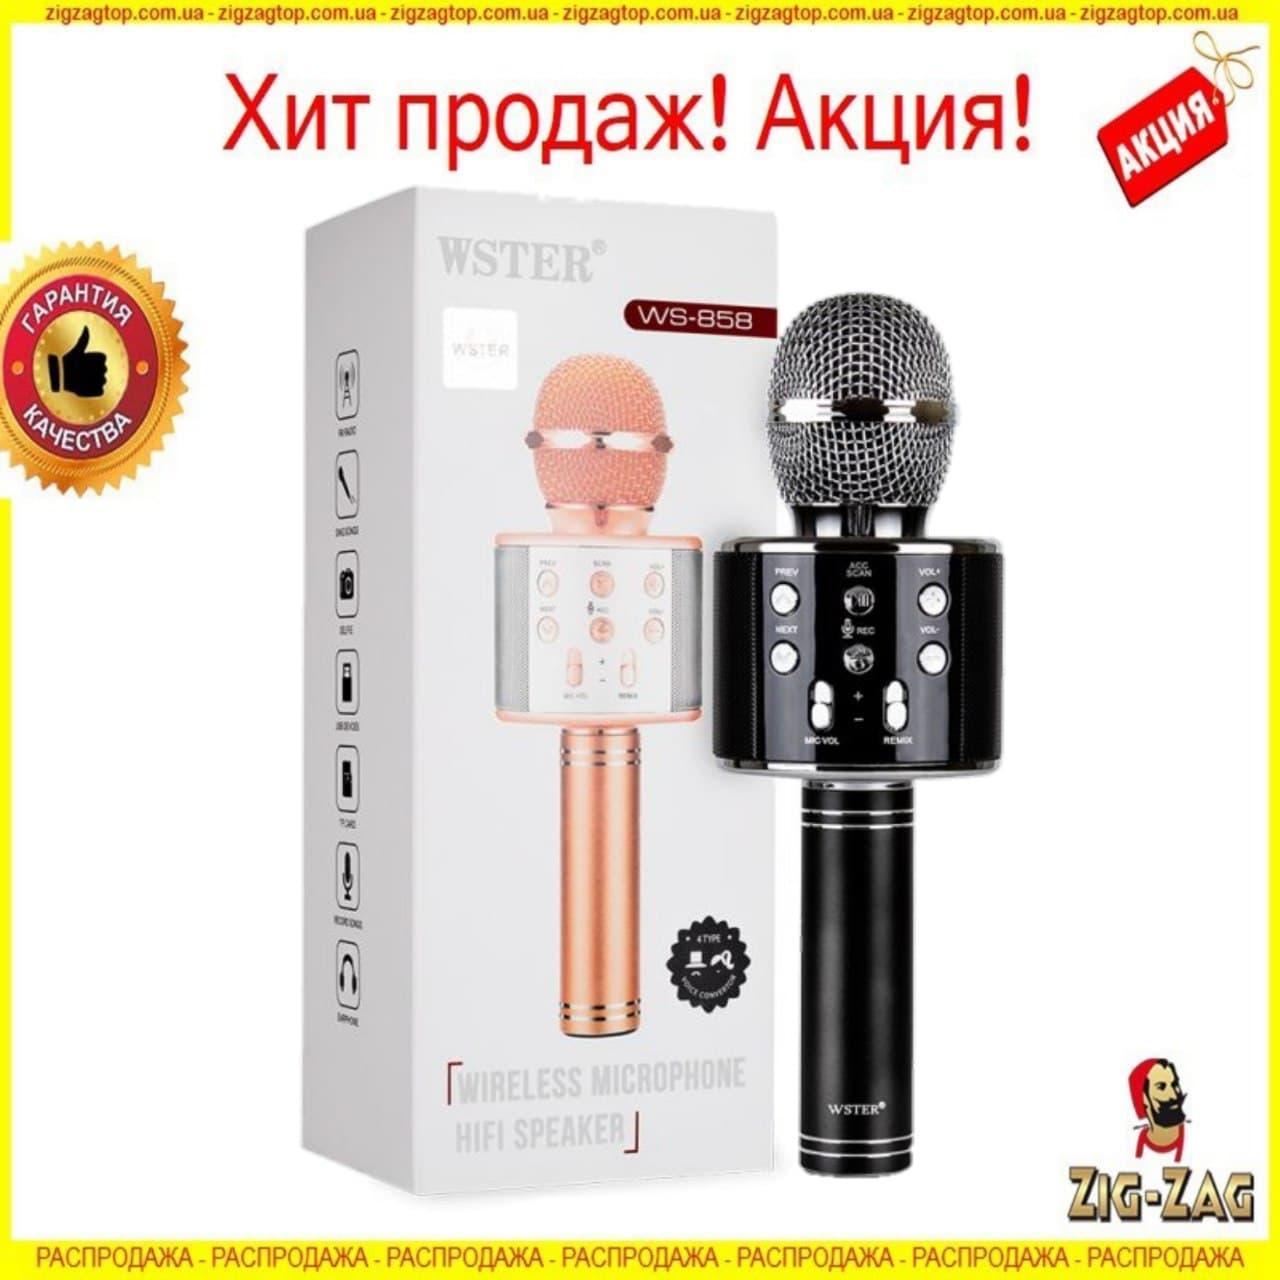 Бездротовий мікрофон WS-858 Bluetooth портативний караоке РІЗНІ КОЛЬОРИ Блютуз з динаміком ВС858 (колонкою)